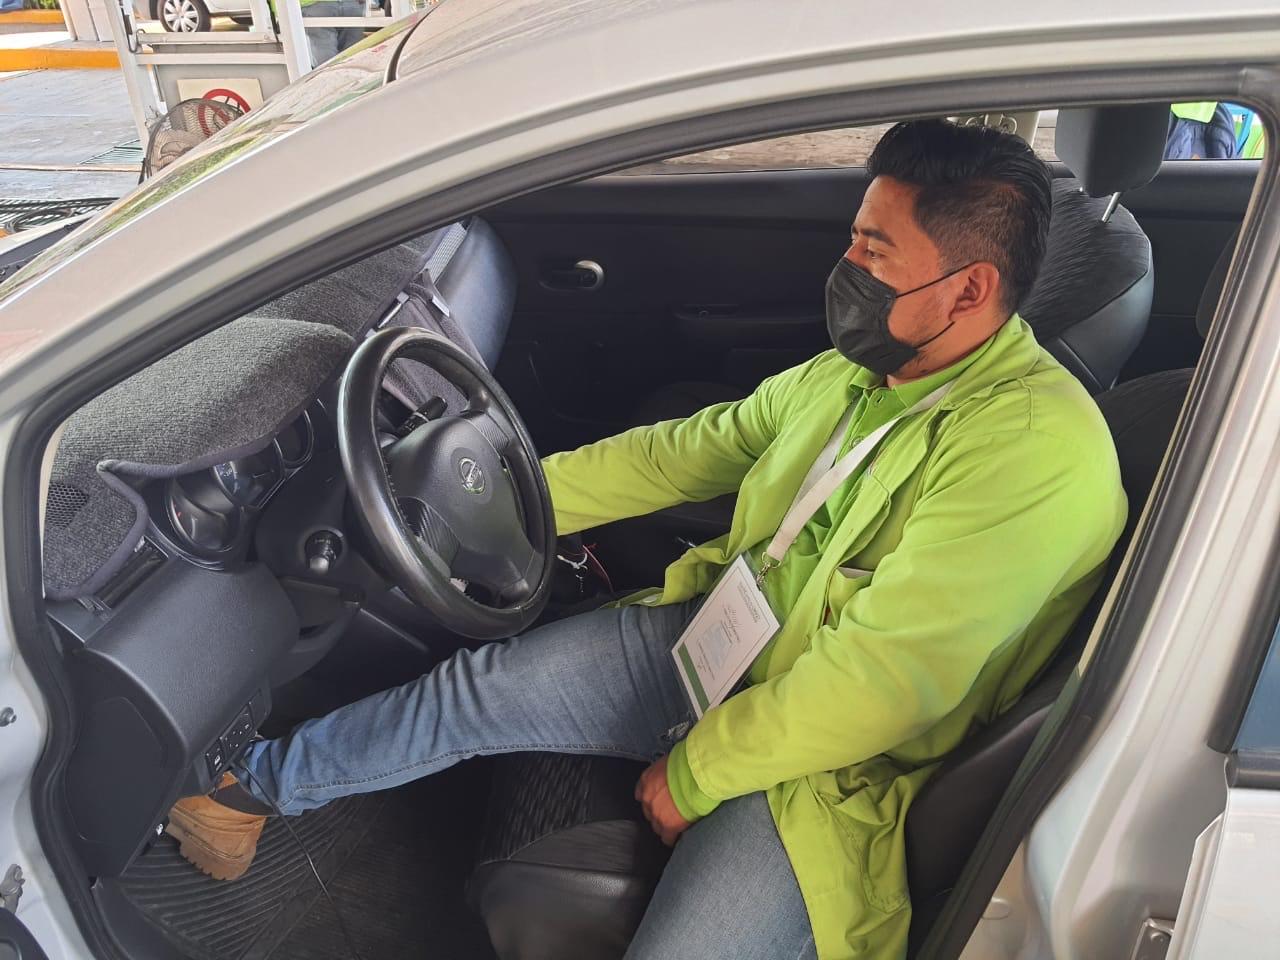 La Condusef informa sobre qué aseguradoras autos son las mejores y cuales están peor calificadas, busca la mejor opción